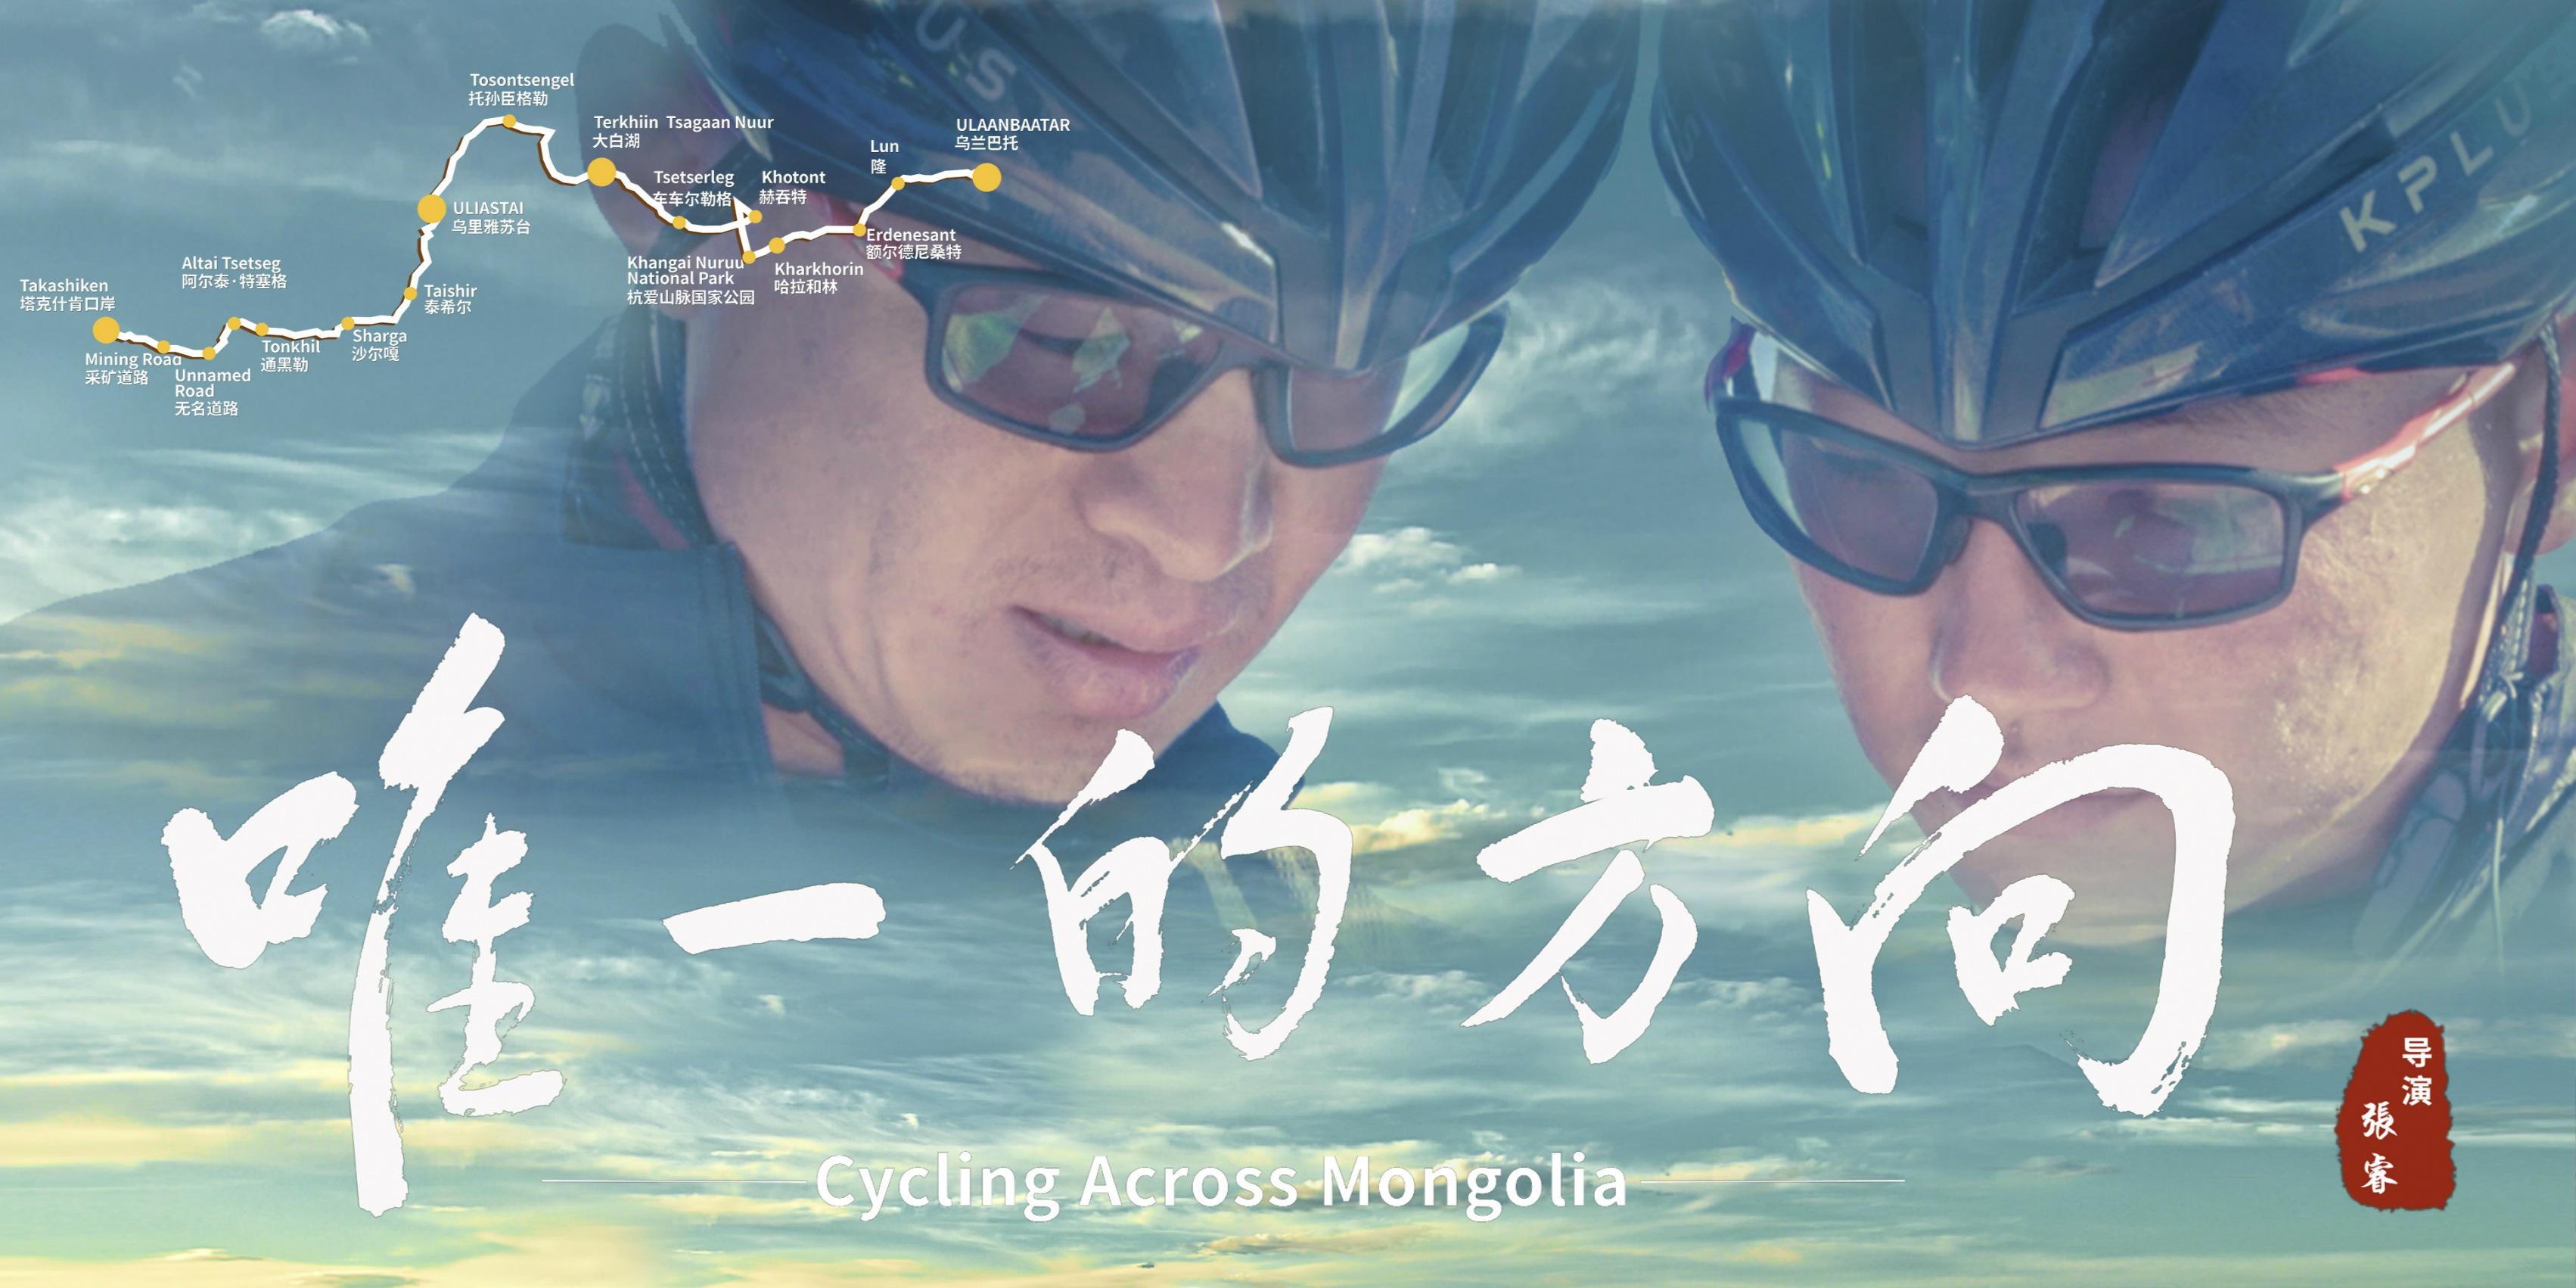 视频banner1